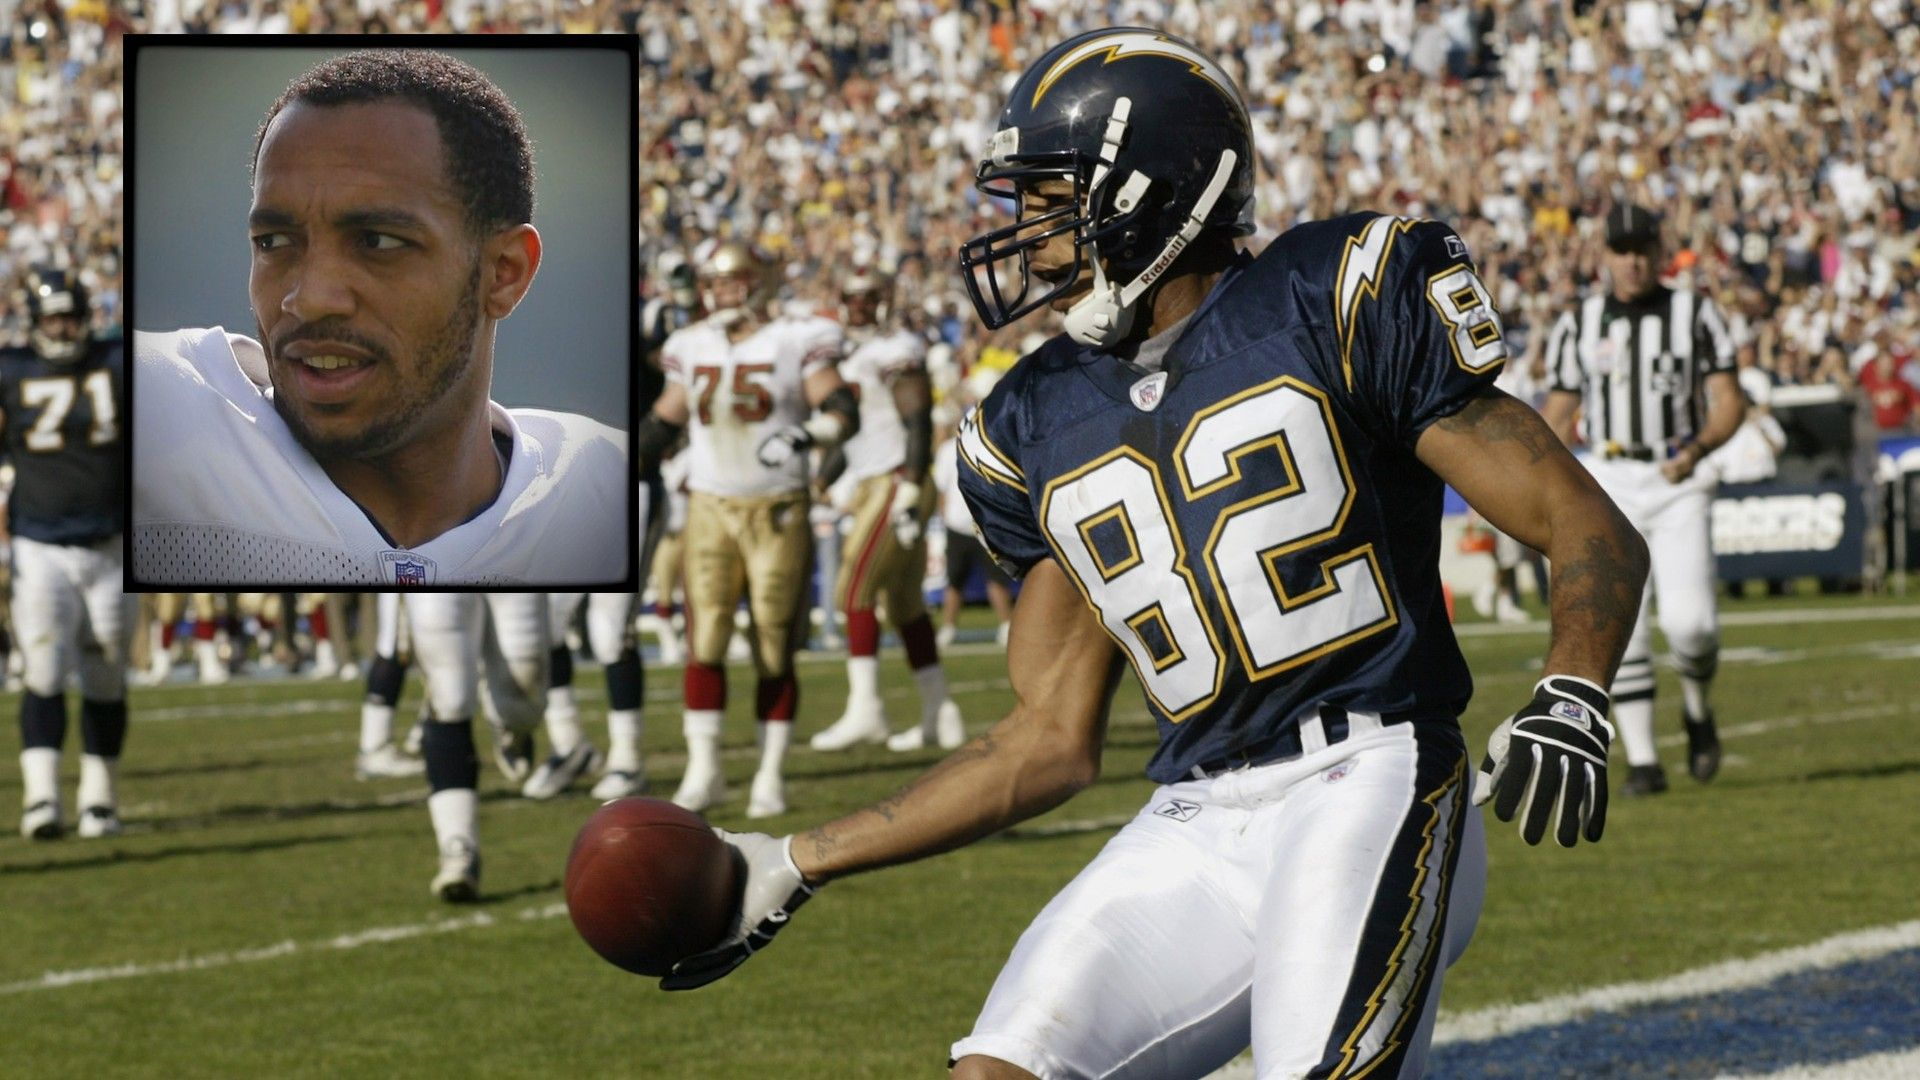 Убиха от засада пред дома му 41-годишен бивш ас в американския футбол